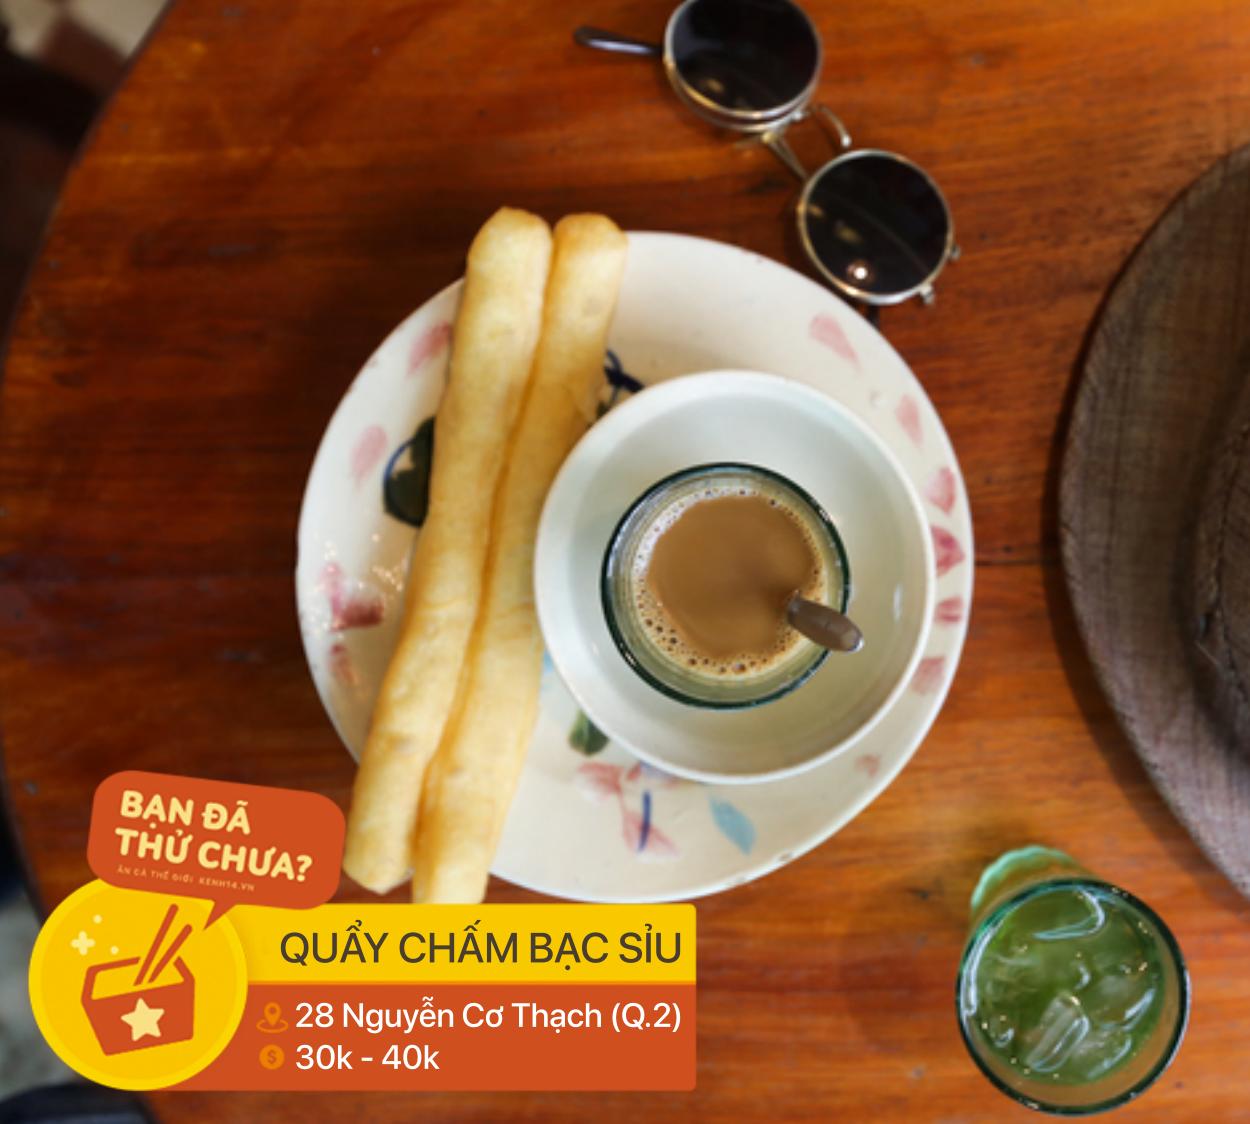 Những cách ăn uống hơi khác thường của người Sài Gòn xưa giờ vẫn được rất nhiều người yêu thích - Ảnh 4.